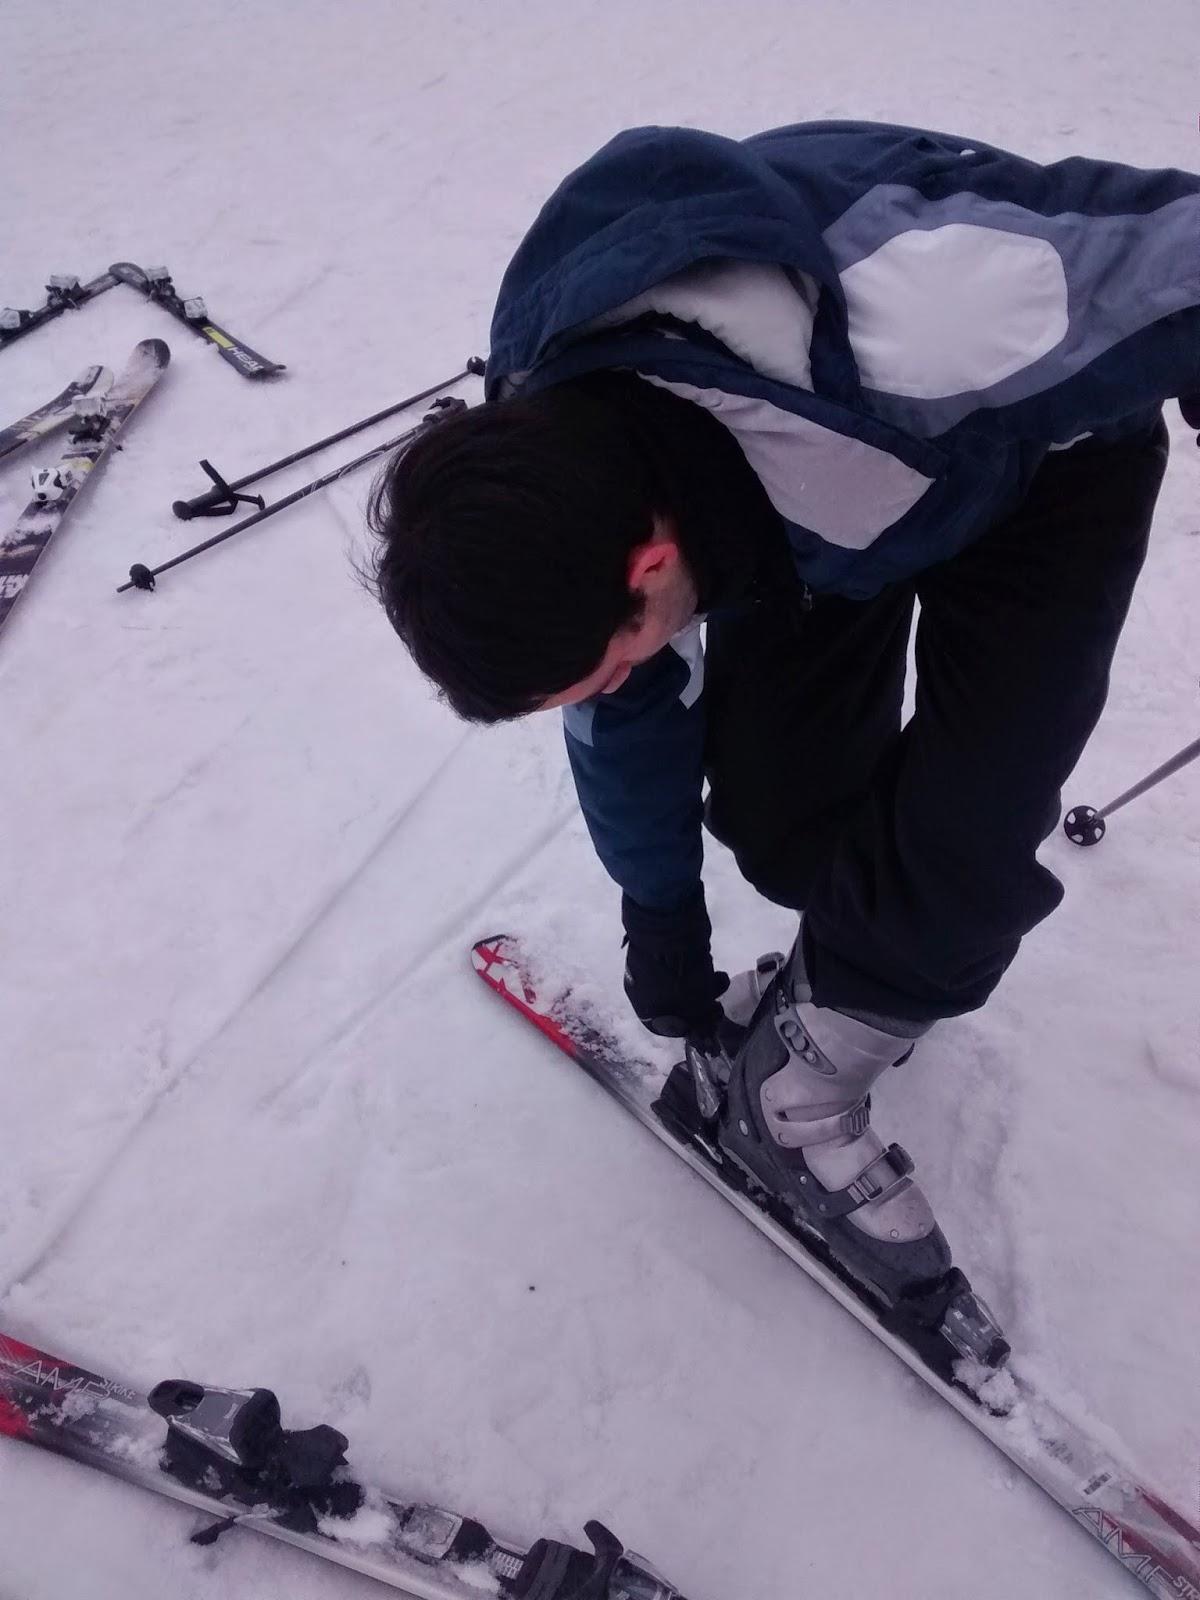 Esquiar na Finlândia - Serena Ski